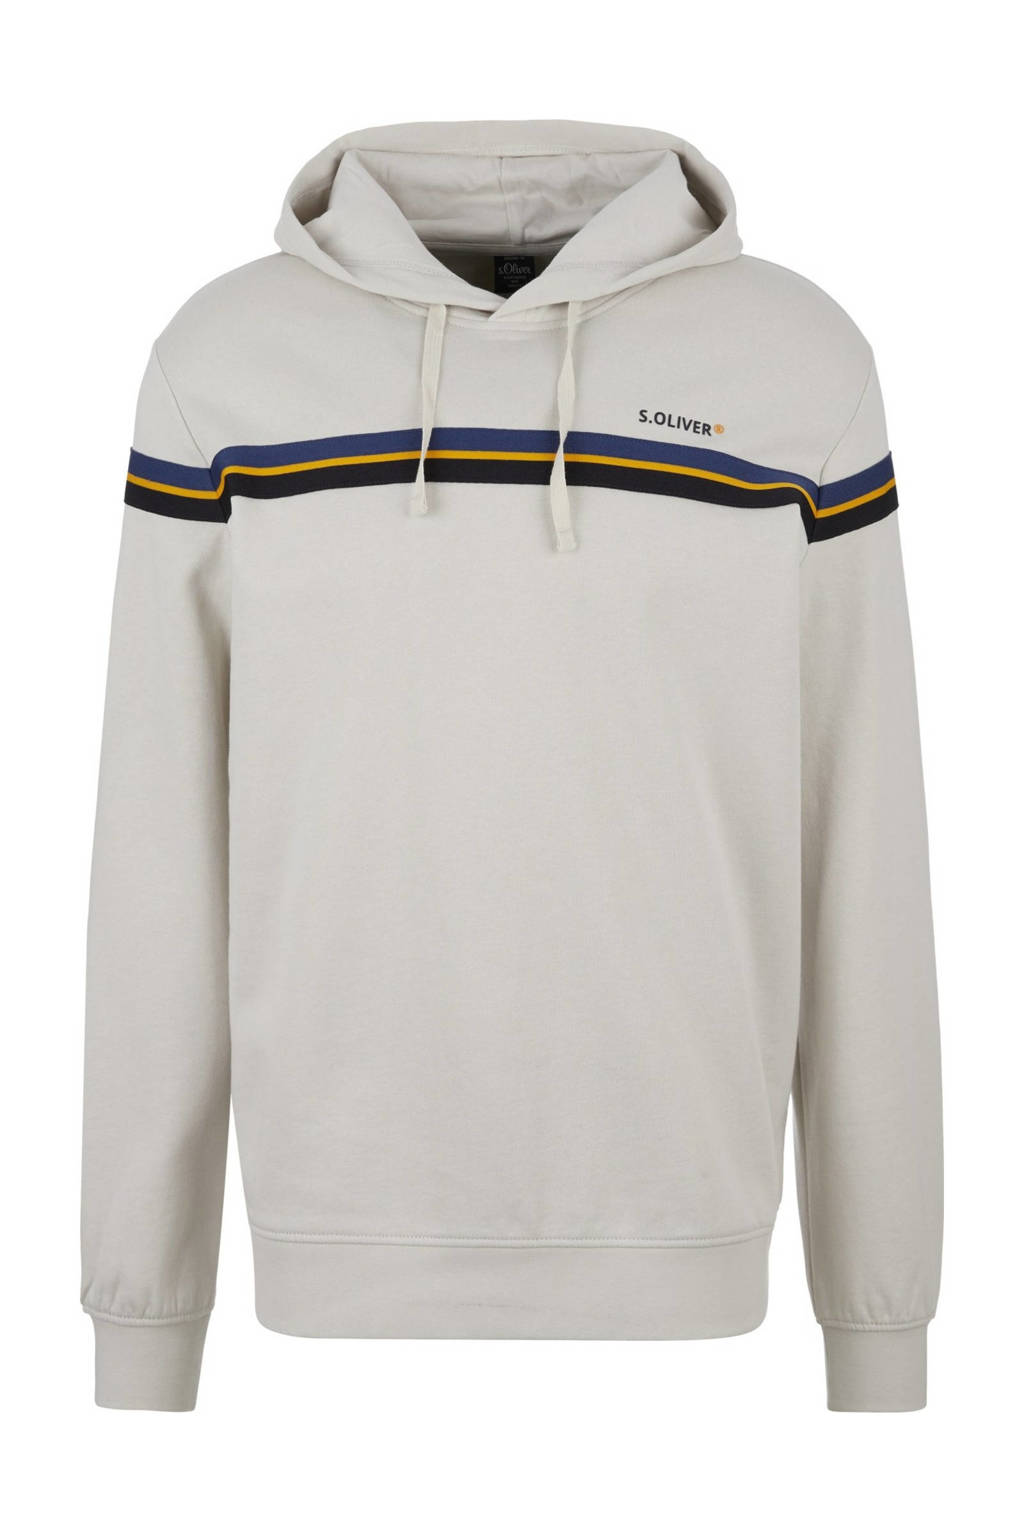 s.Oliver hoodie met printopdruk lichtgrijs, Lichtgrijs